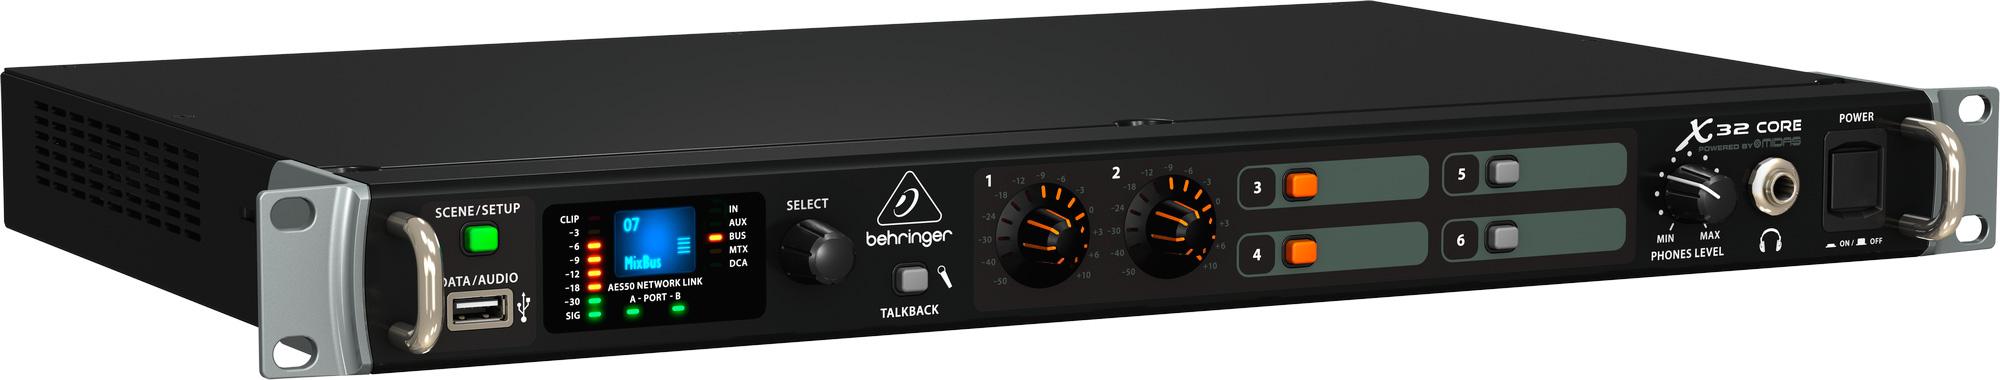 Behringer X32 Core AES50 Rack Mixer